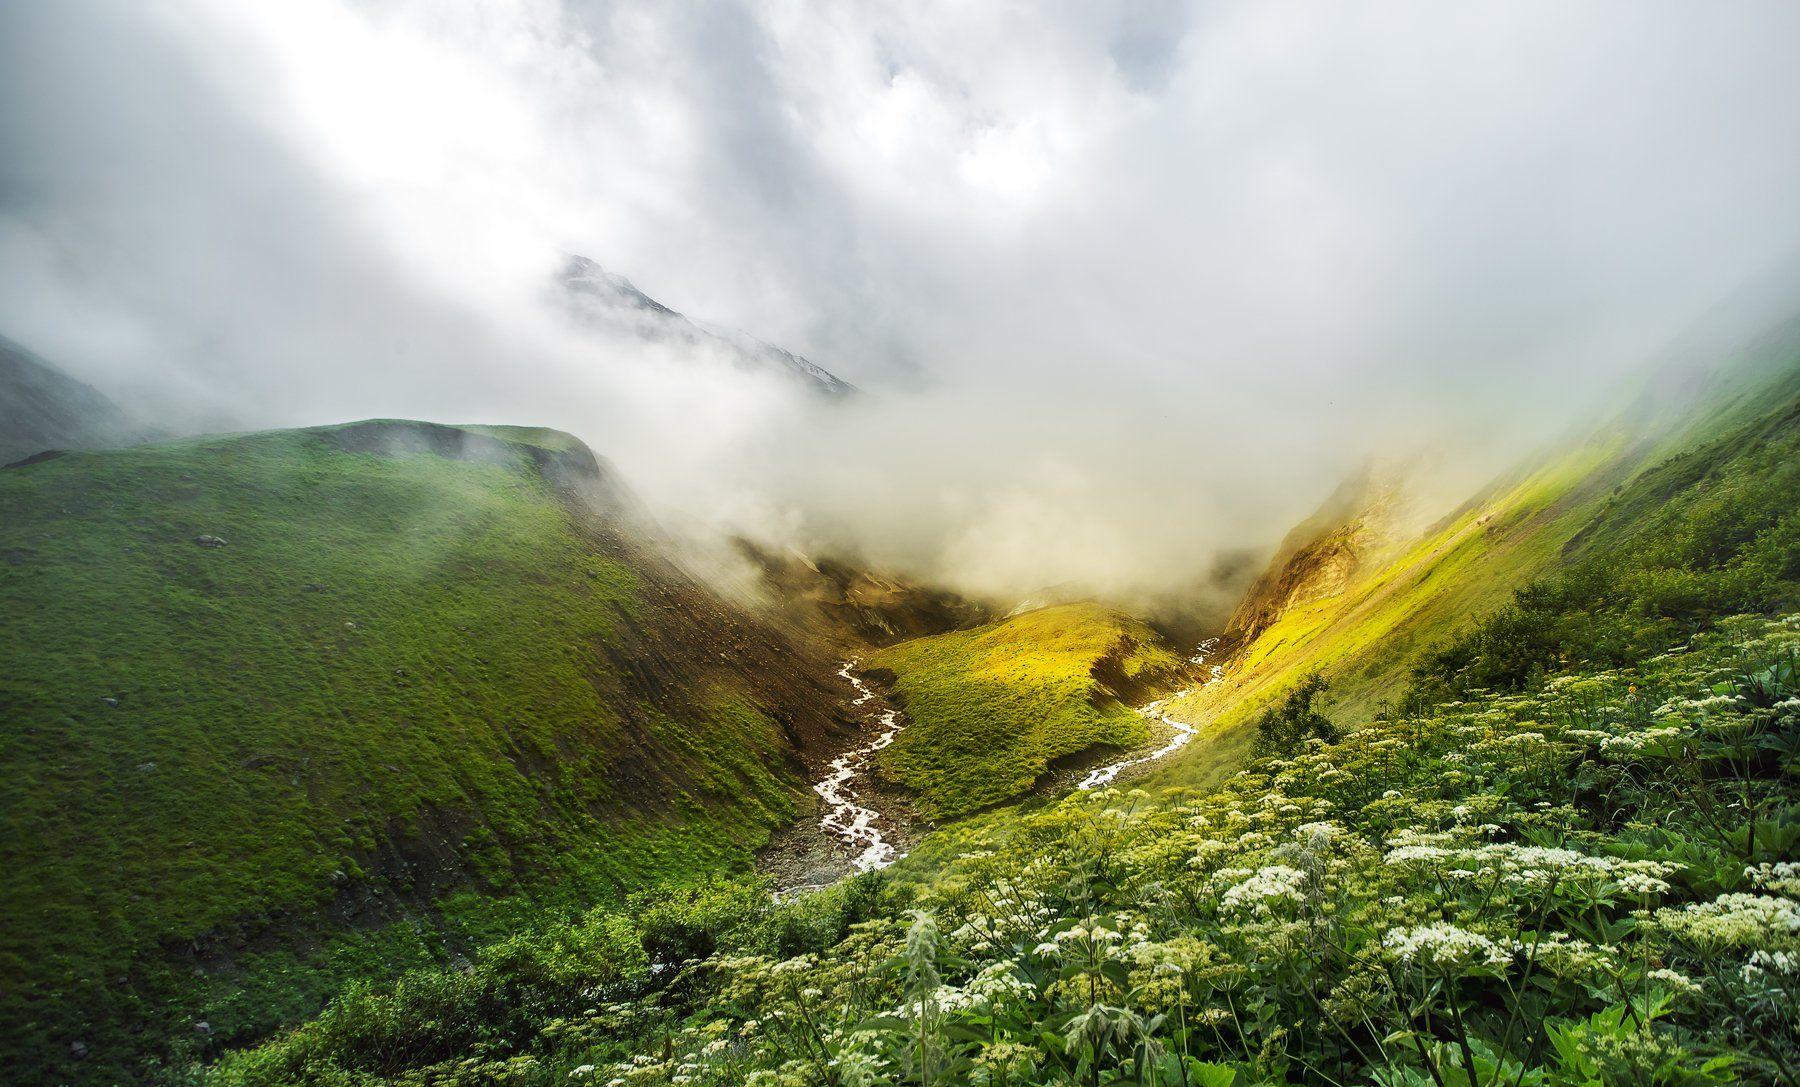 Северная Осетия, Горы, Осетия, Кавказ, река, горная река, пейзаж, облака, VyacheslavLin Vyacheslav